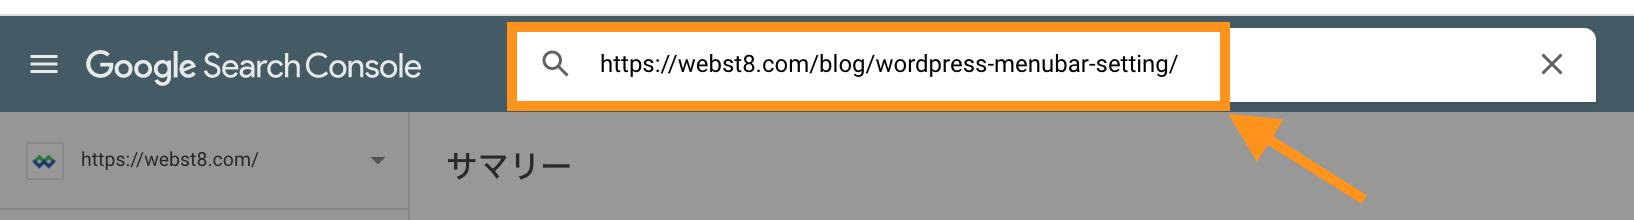 特定URLを入力してURL検索